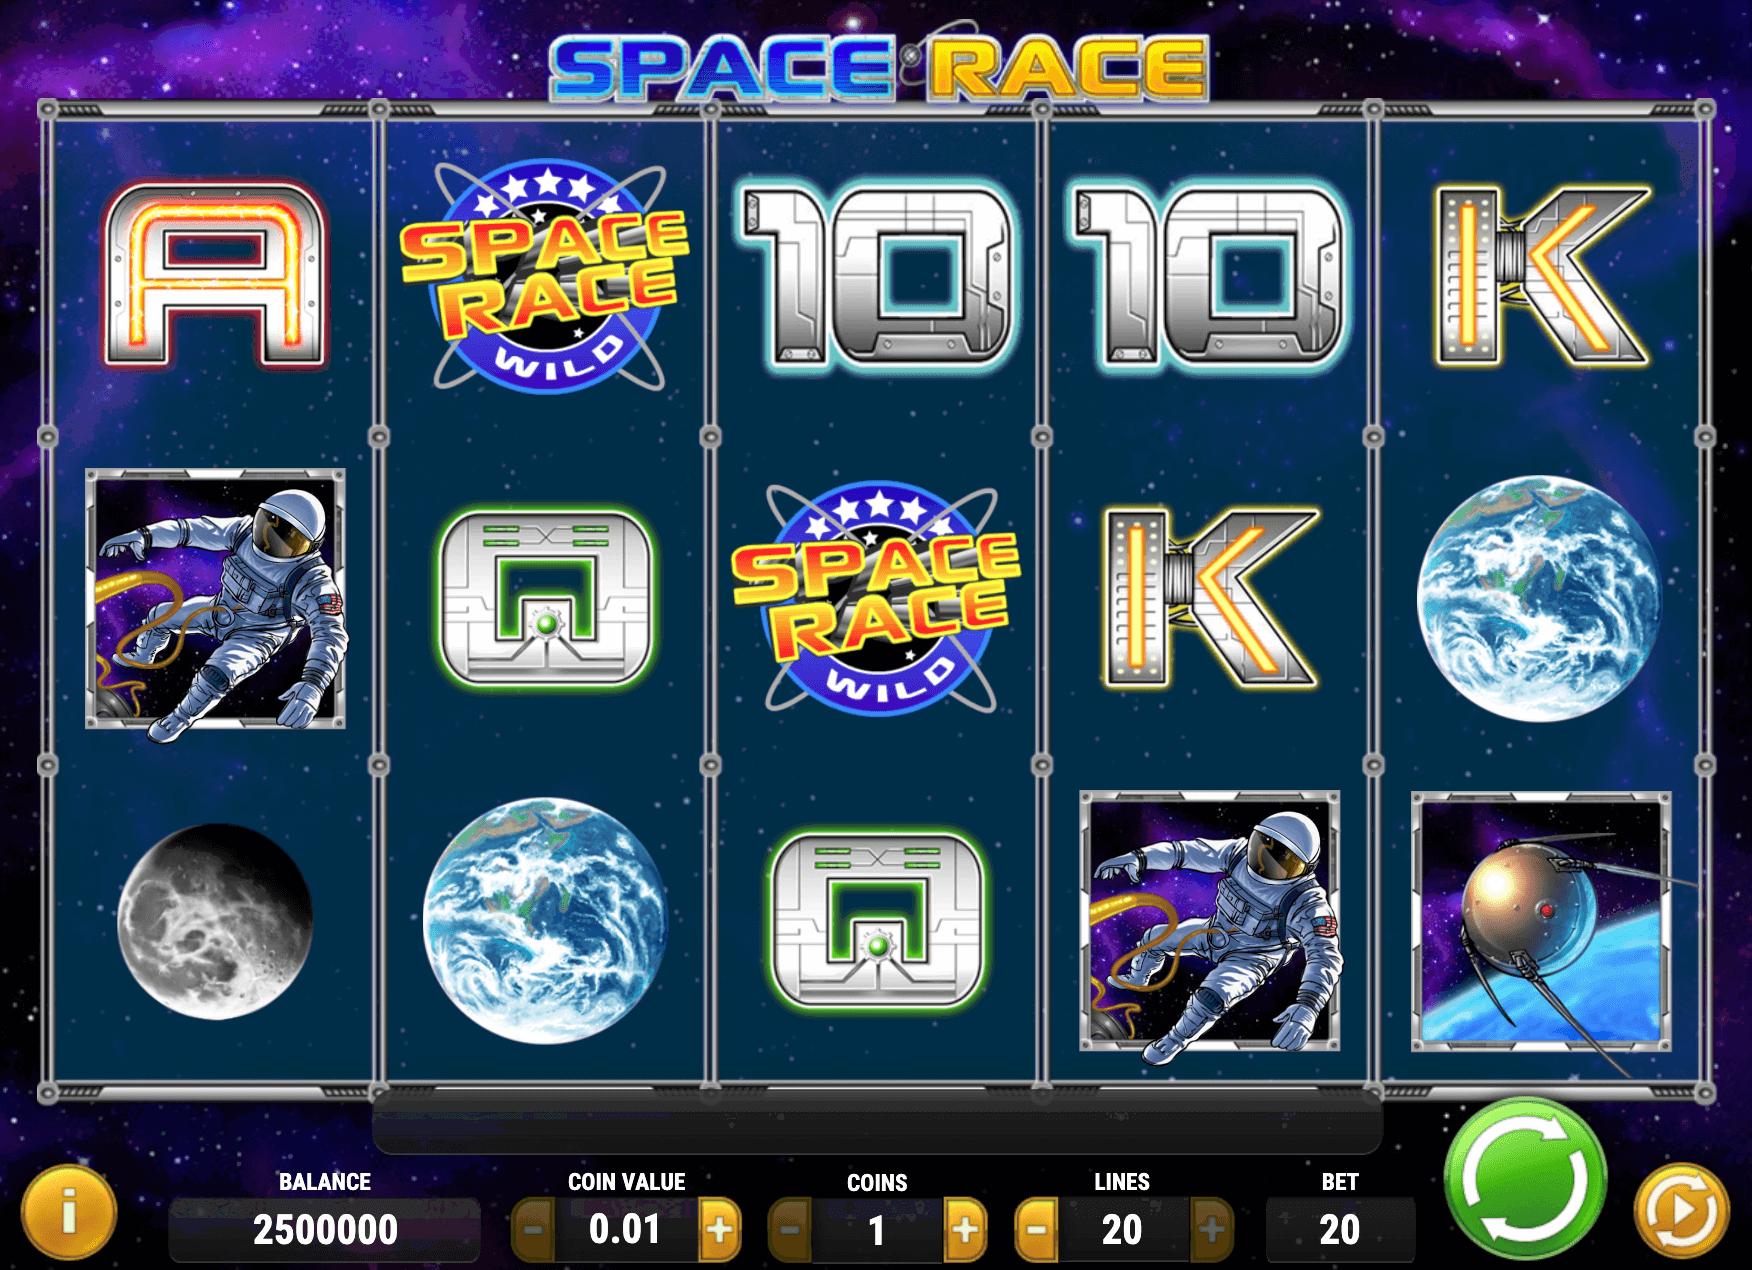 Space Race Online Slot